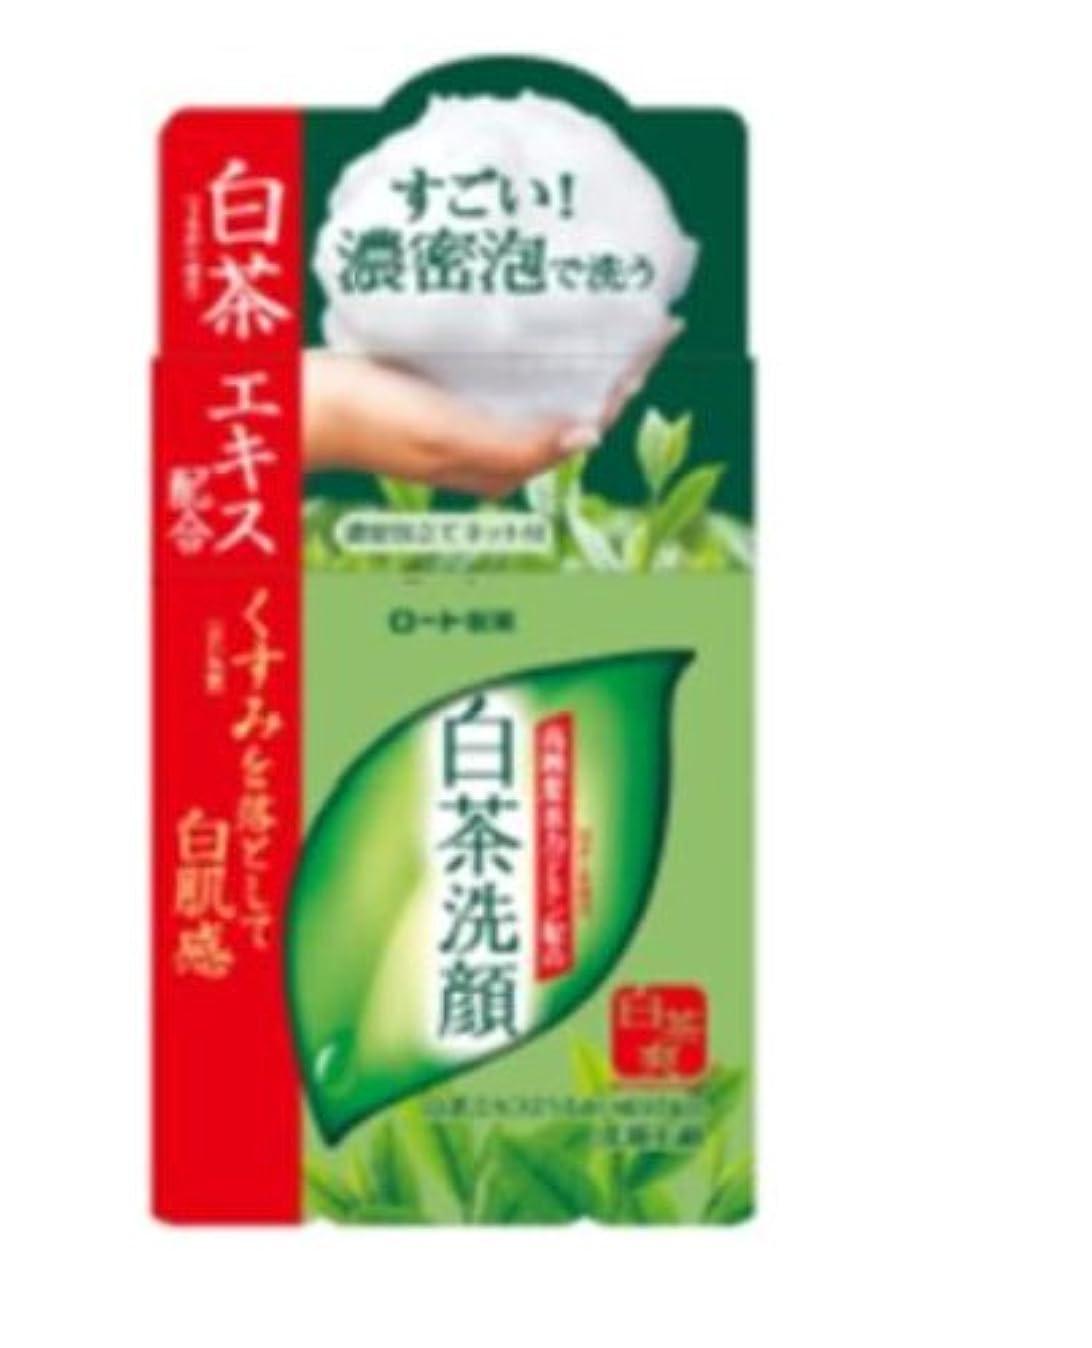 効果表面ビスケットロート製薬 白茶爽 白茶洗顔石鹸 高純度茶カテキン配合 濃密泡立てネット付 85g